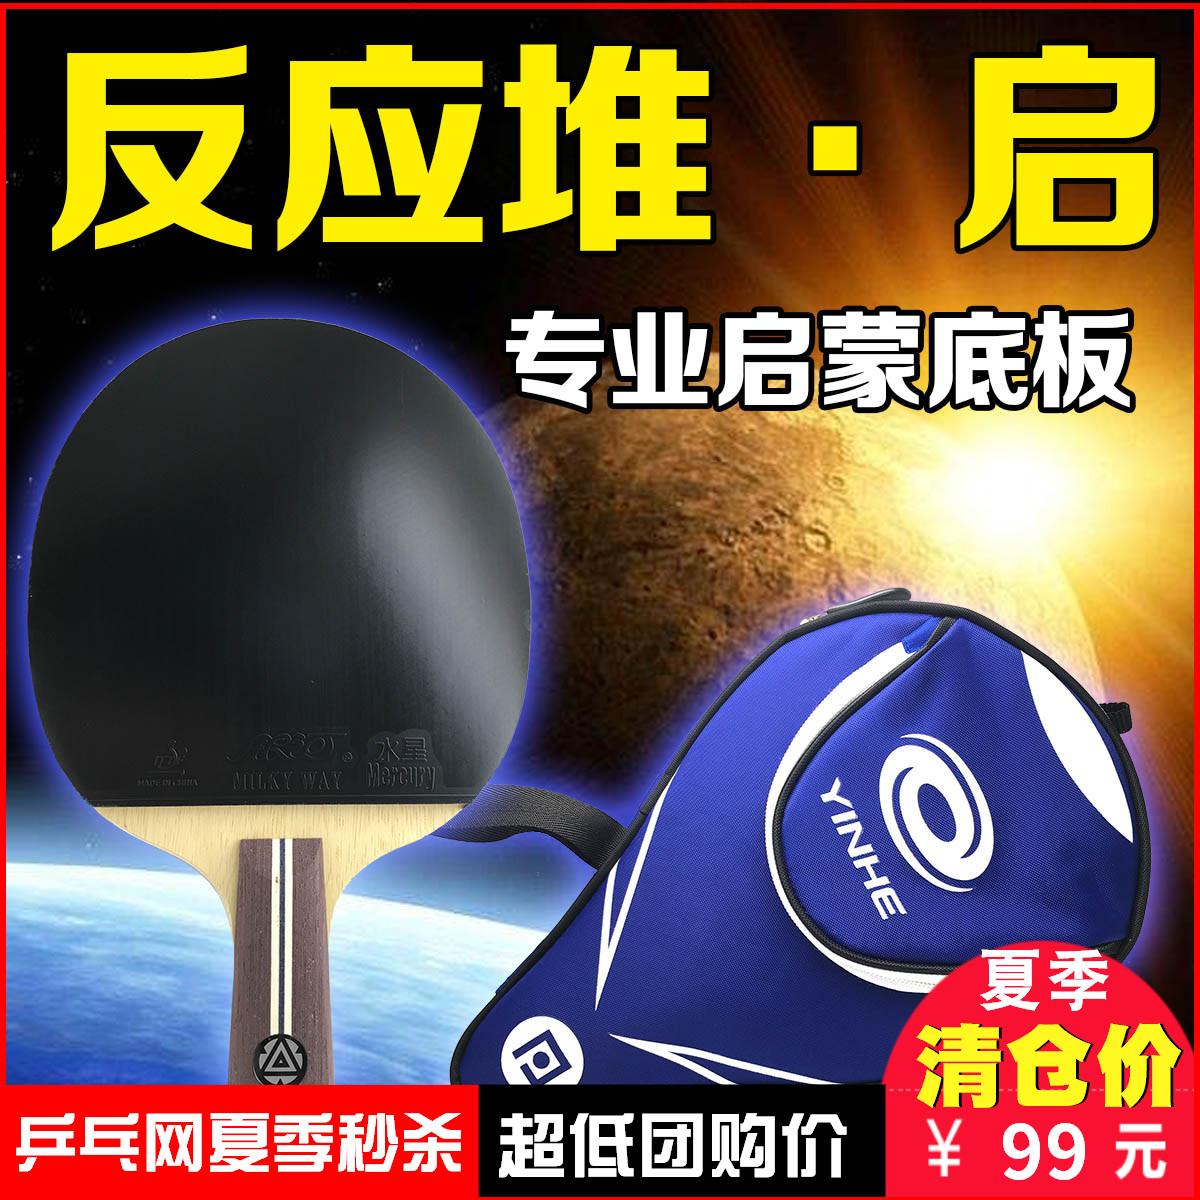 乒乓�W反��堆-�� 乒乓球底板 �和��S眉�柄 �p面反�z直�M拍成品拍